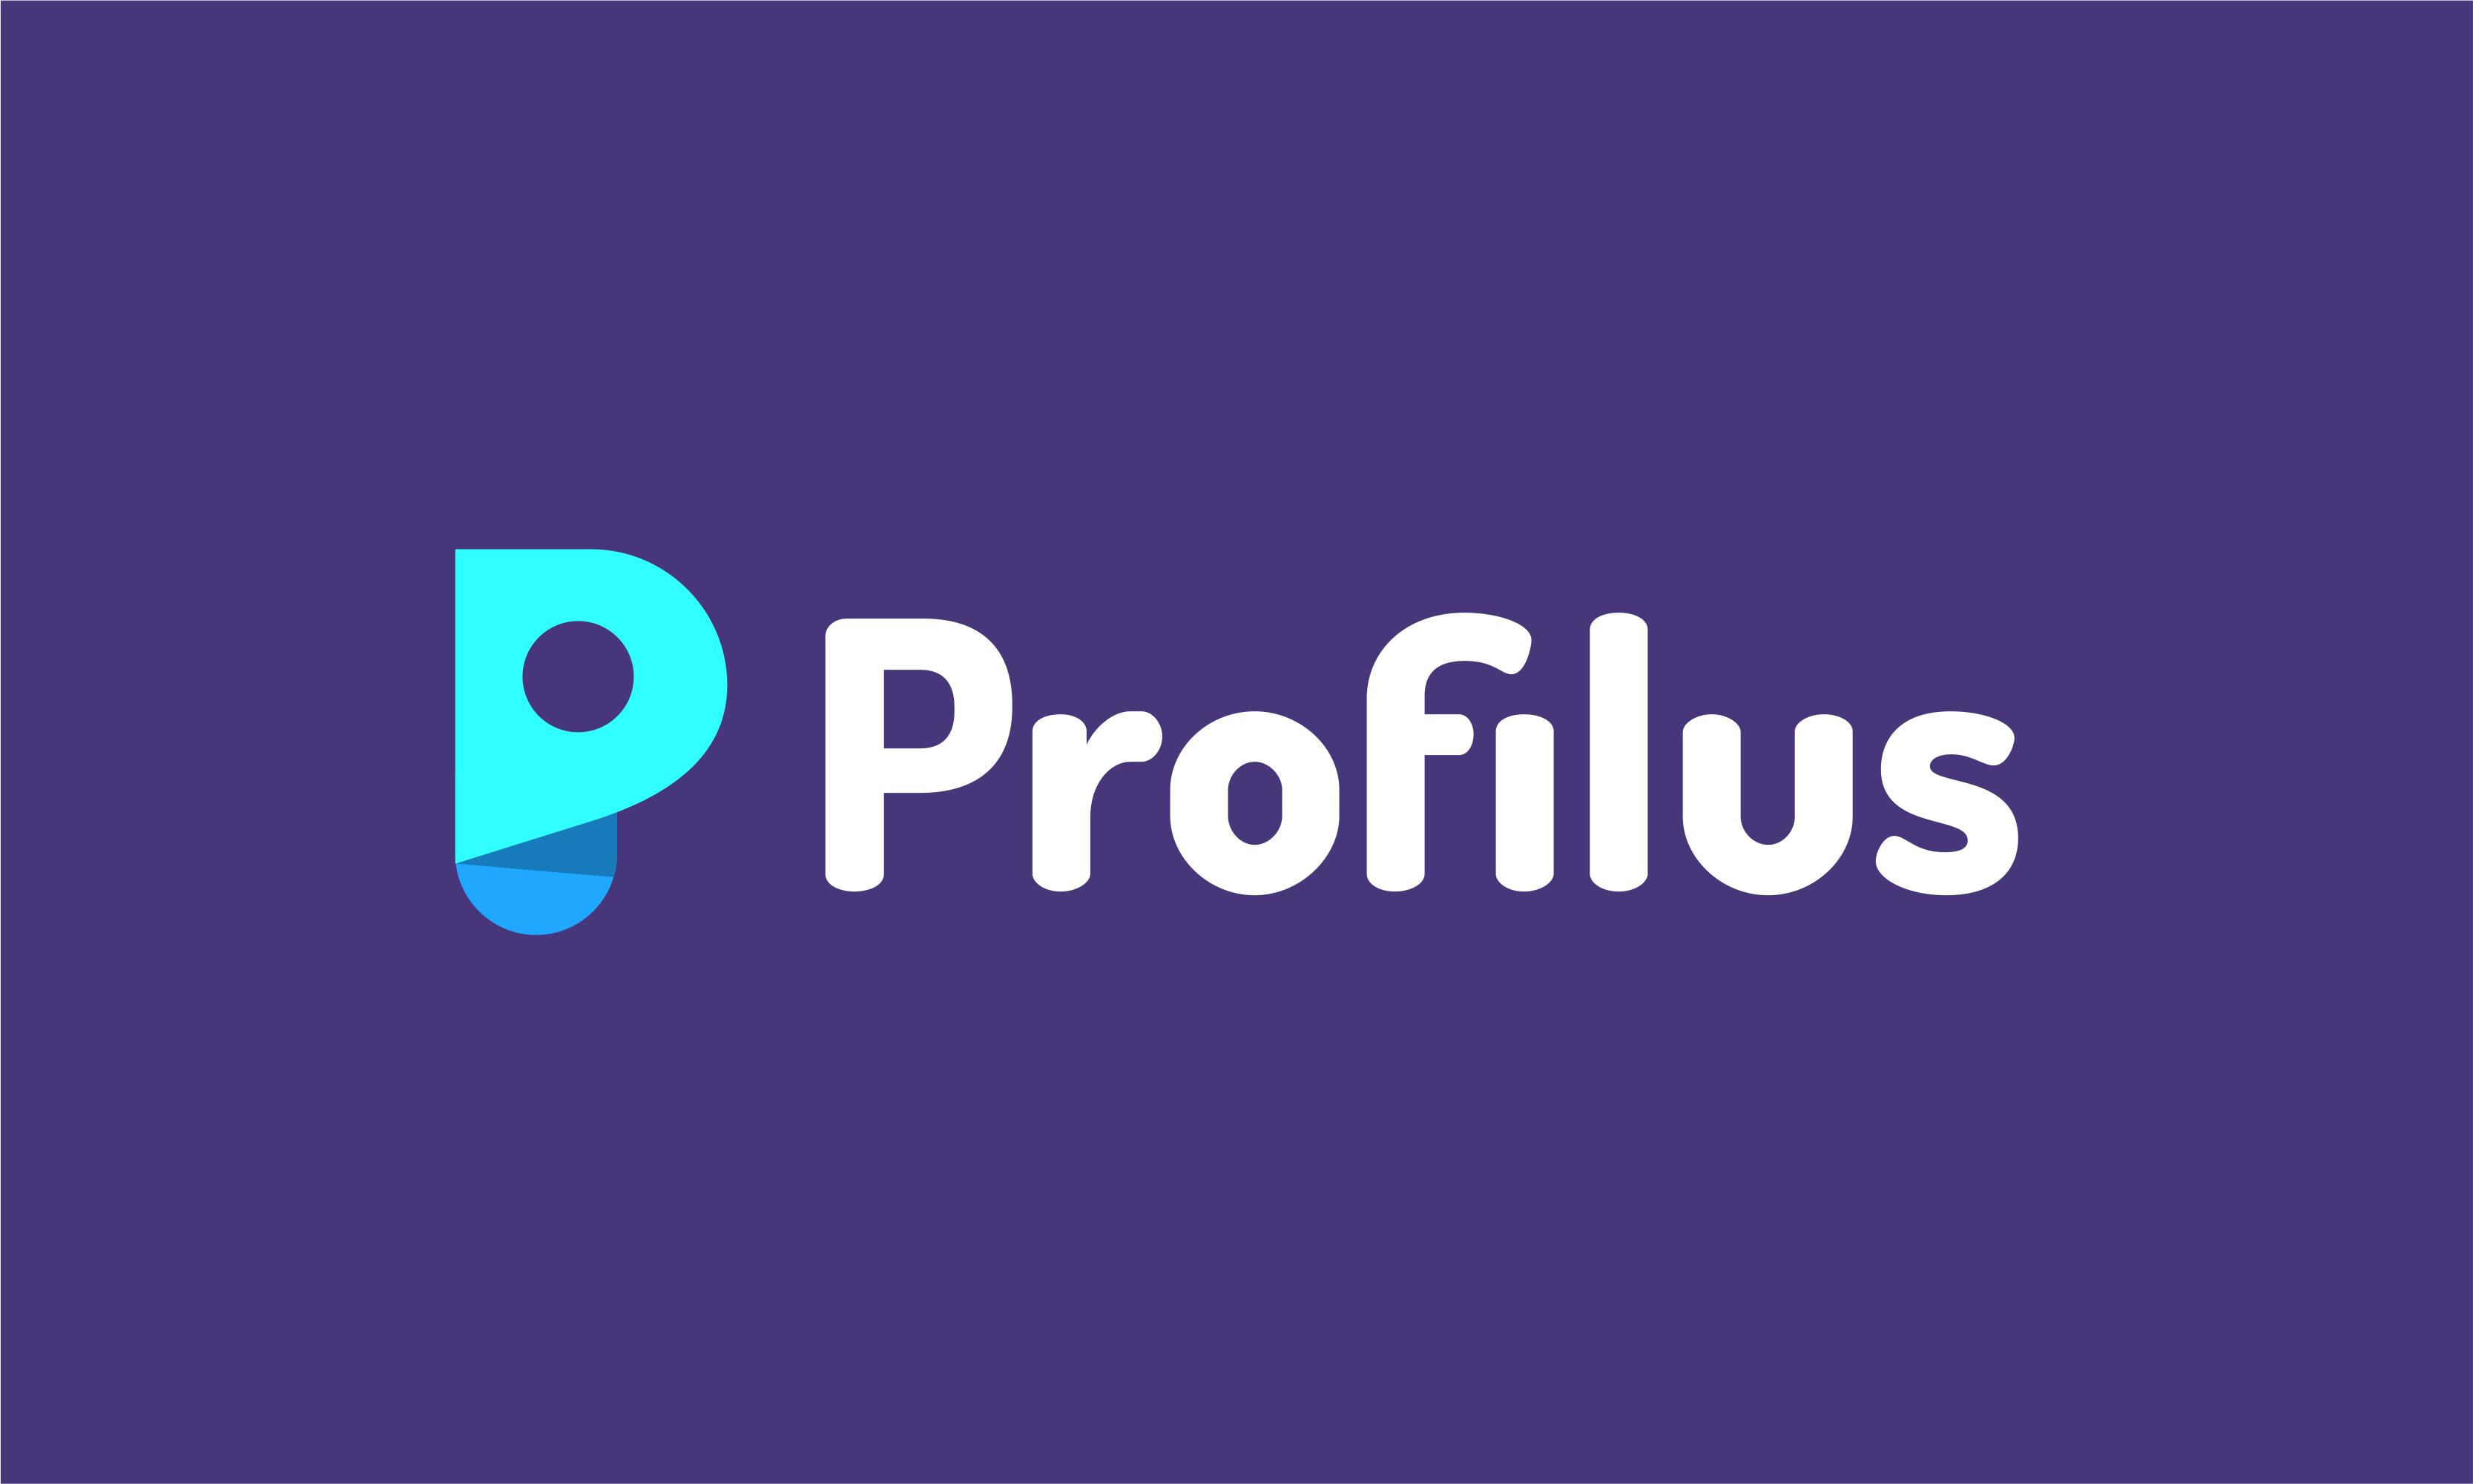 Profilus